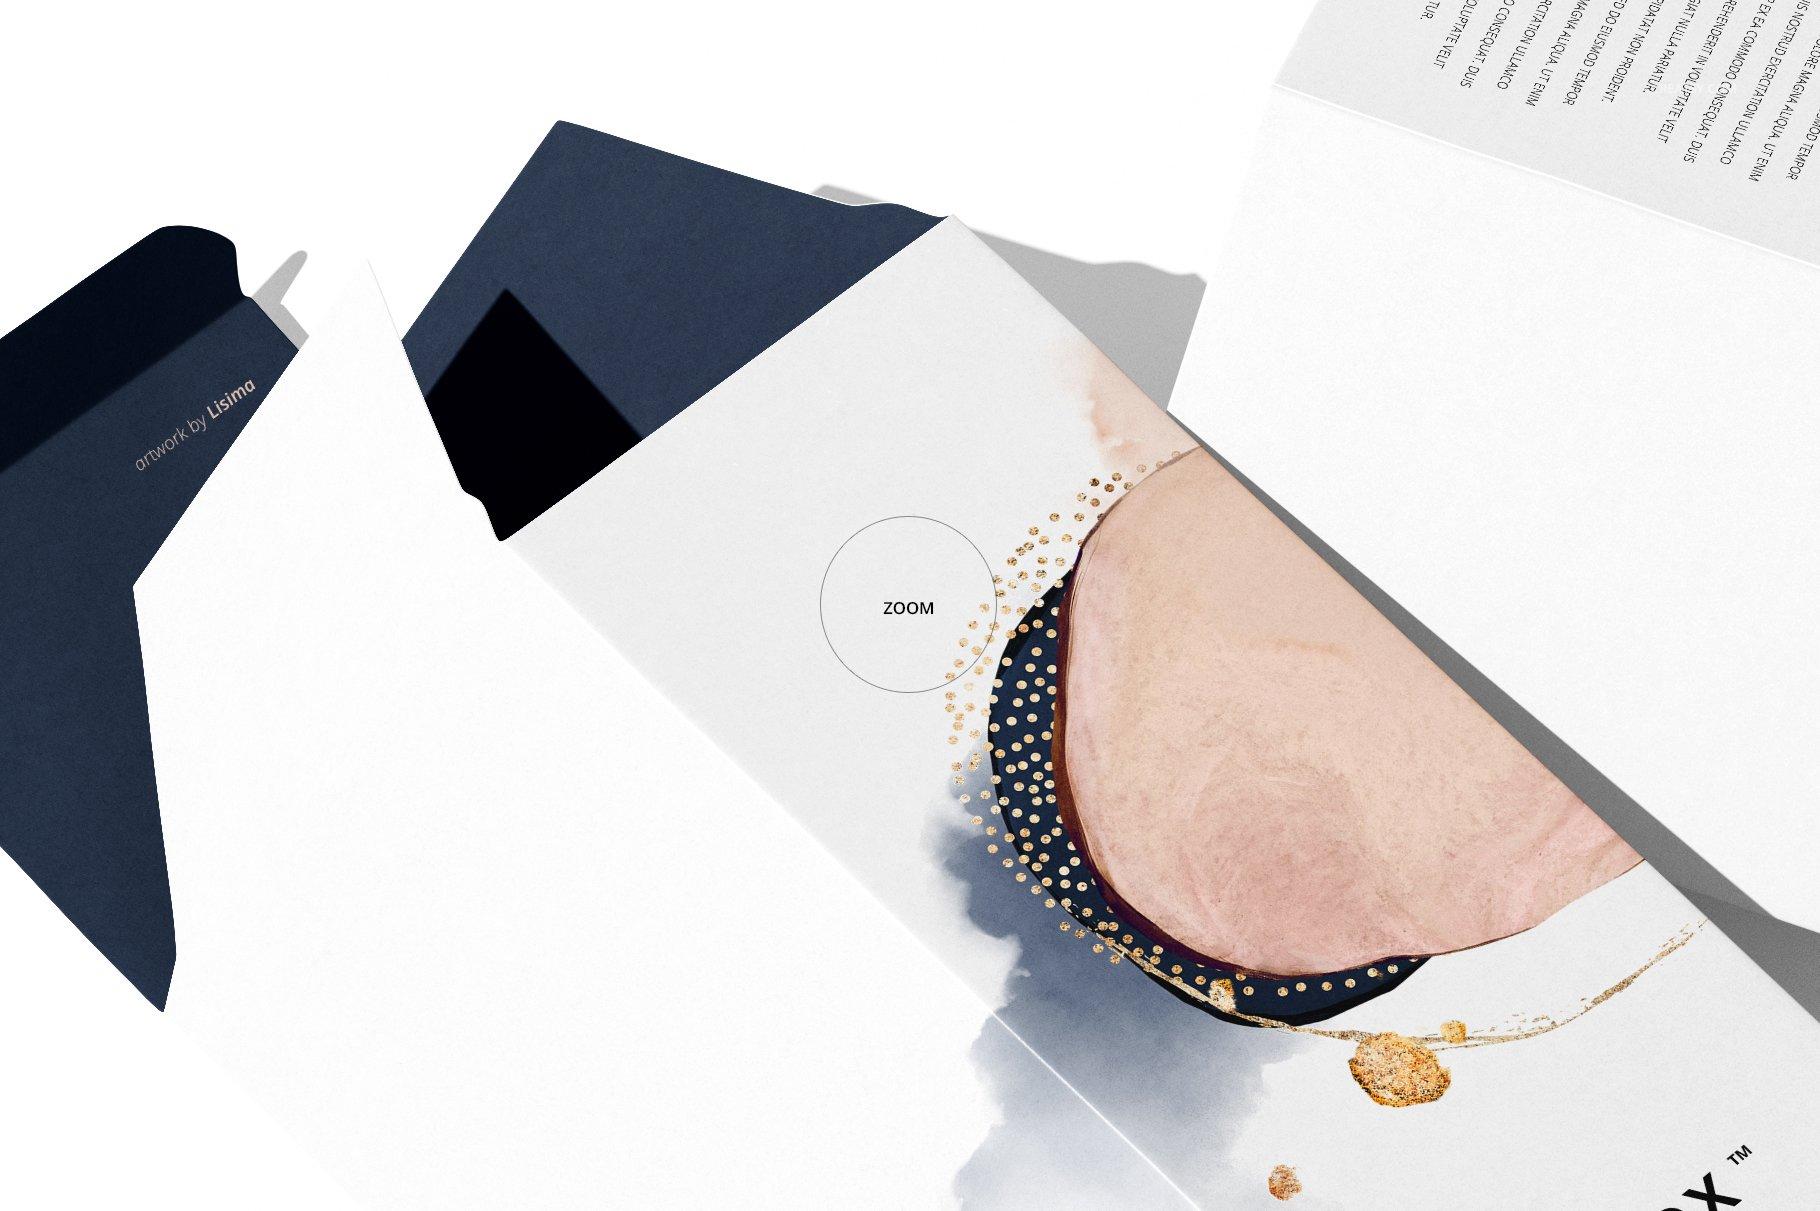 极简方形产品包装纸盒设计PS智能贴图样机合集 Tall Box Mockup Set插图12